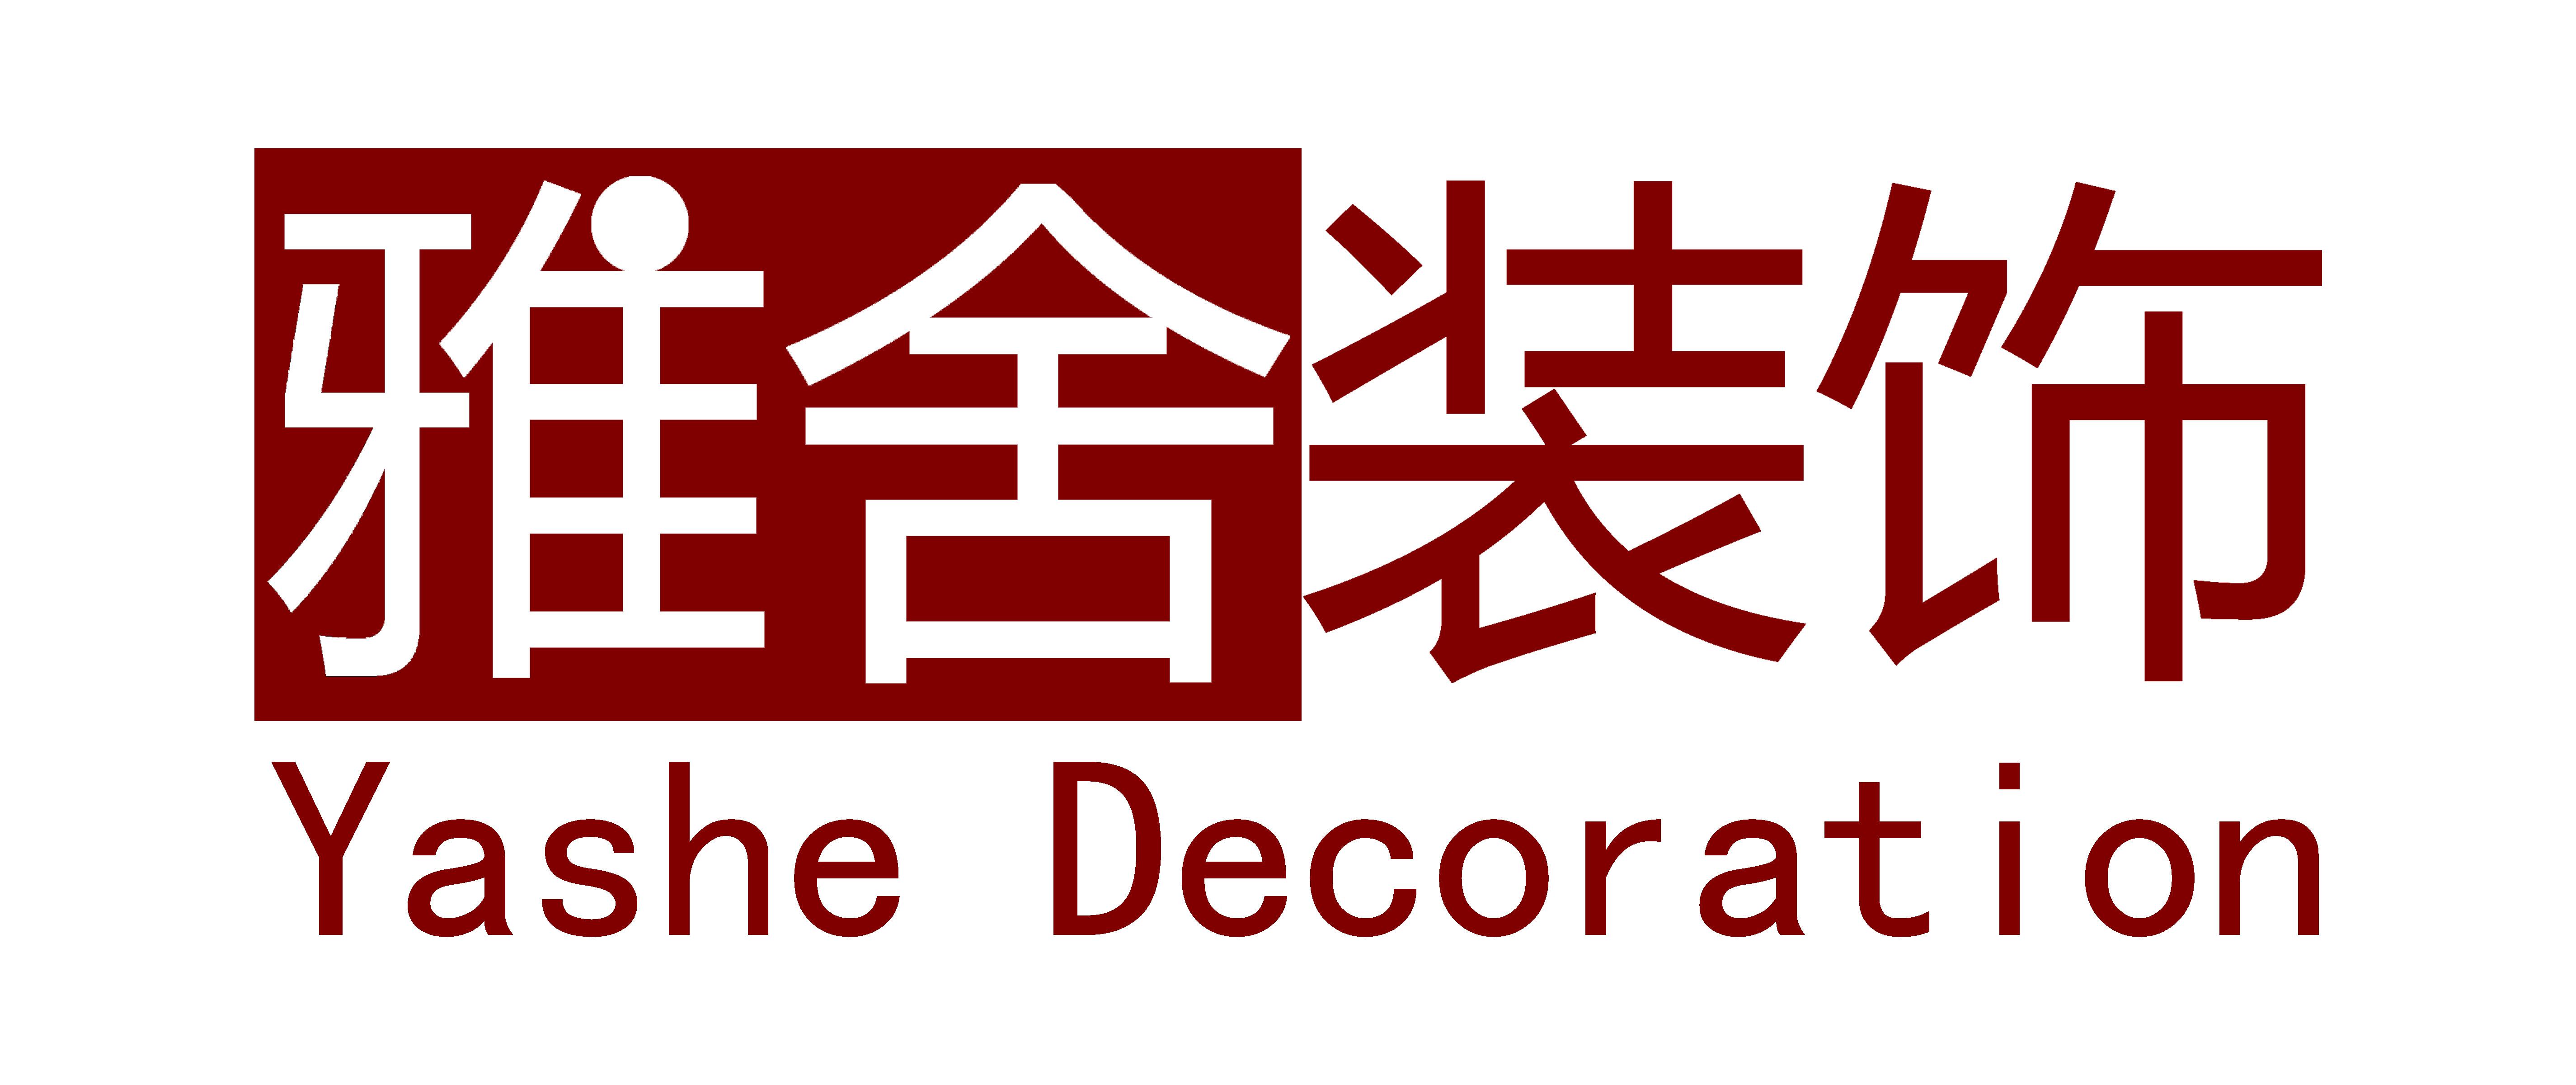 阳江市雅舍装饰工程有限公司